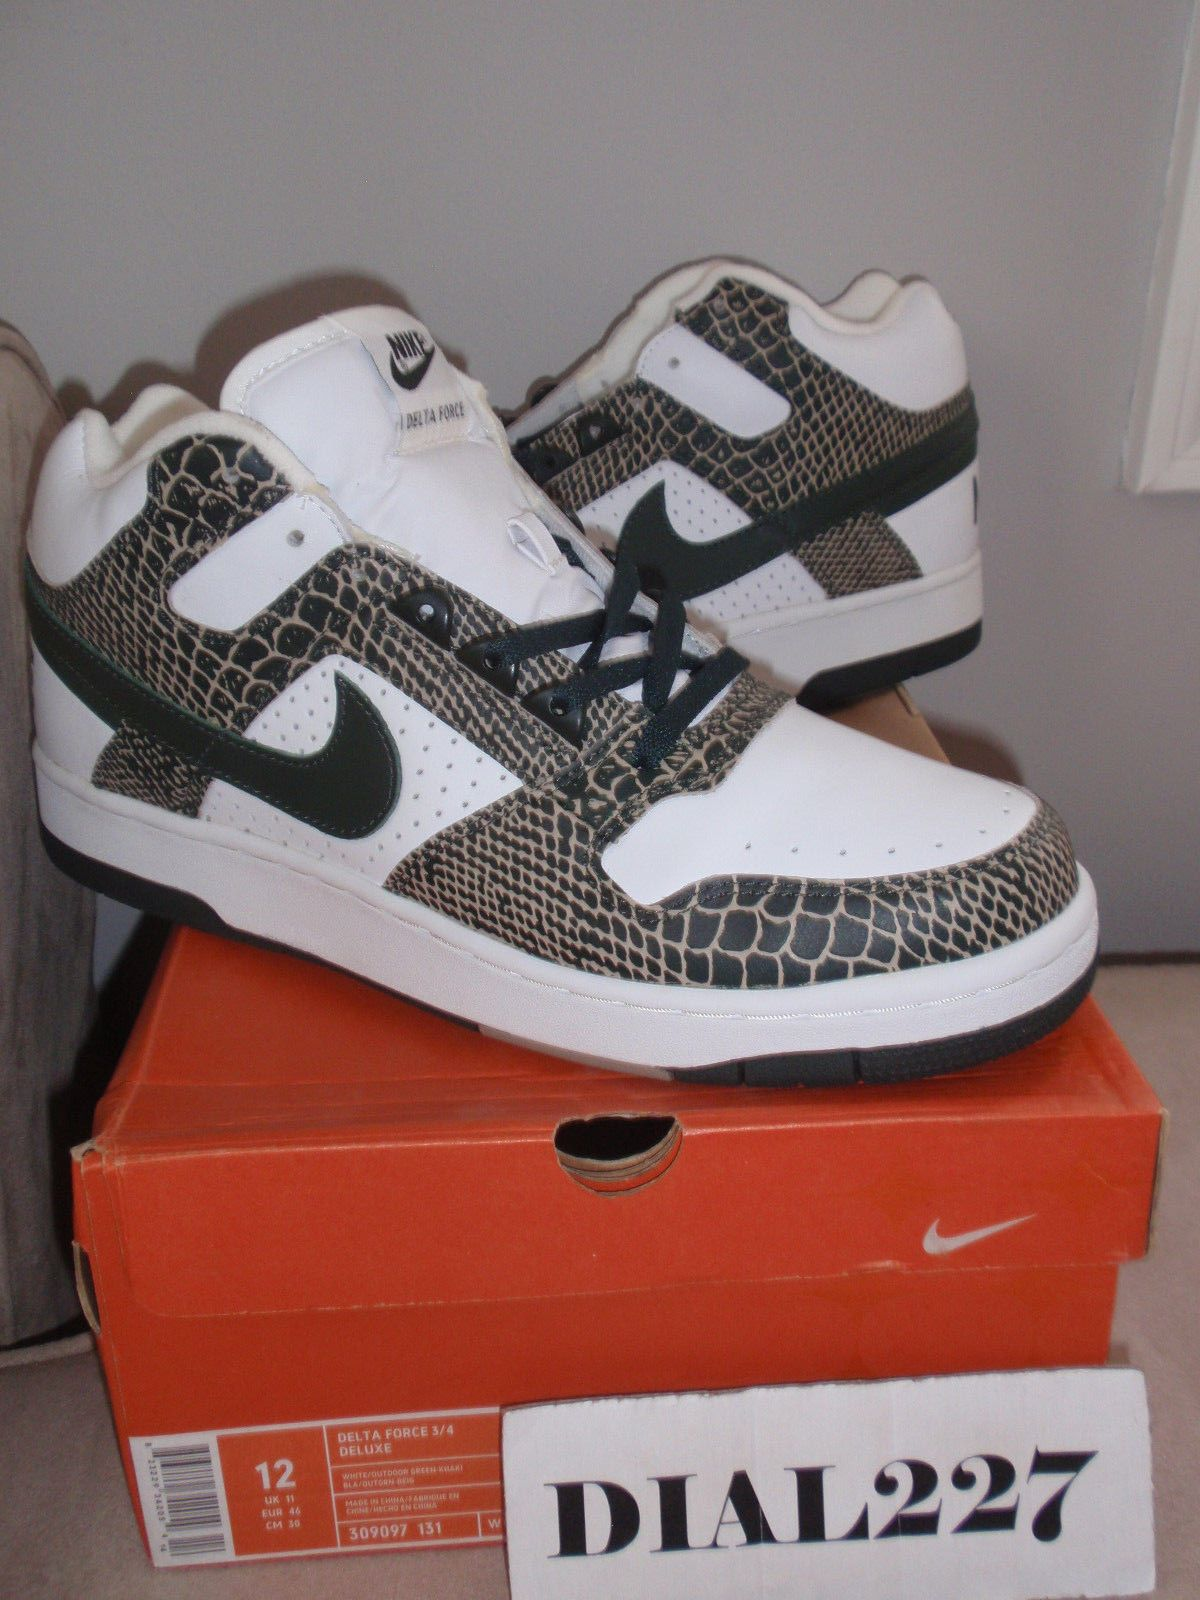 Nike Delta Force 3/4 Deluxe Snakeskin 96 2004 Release Deadstock size 12